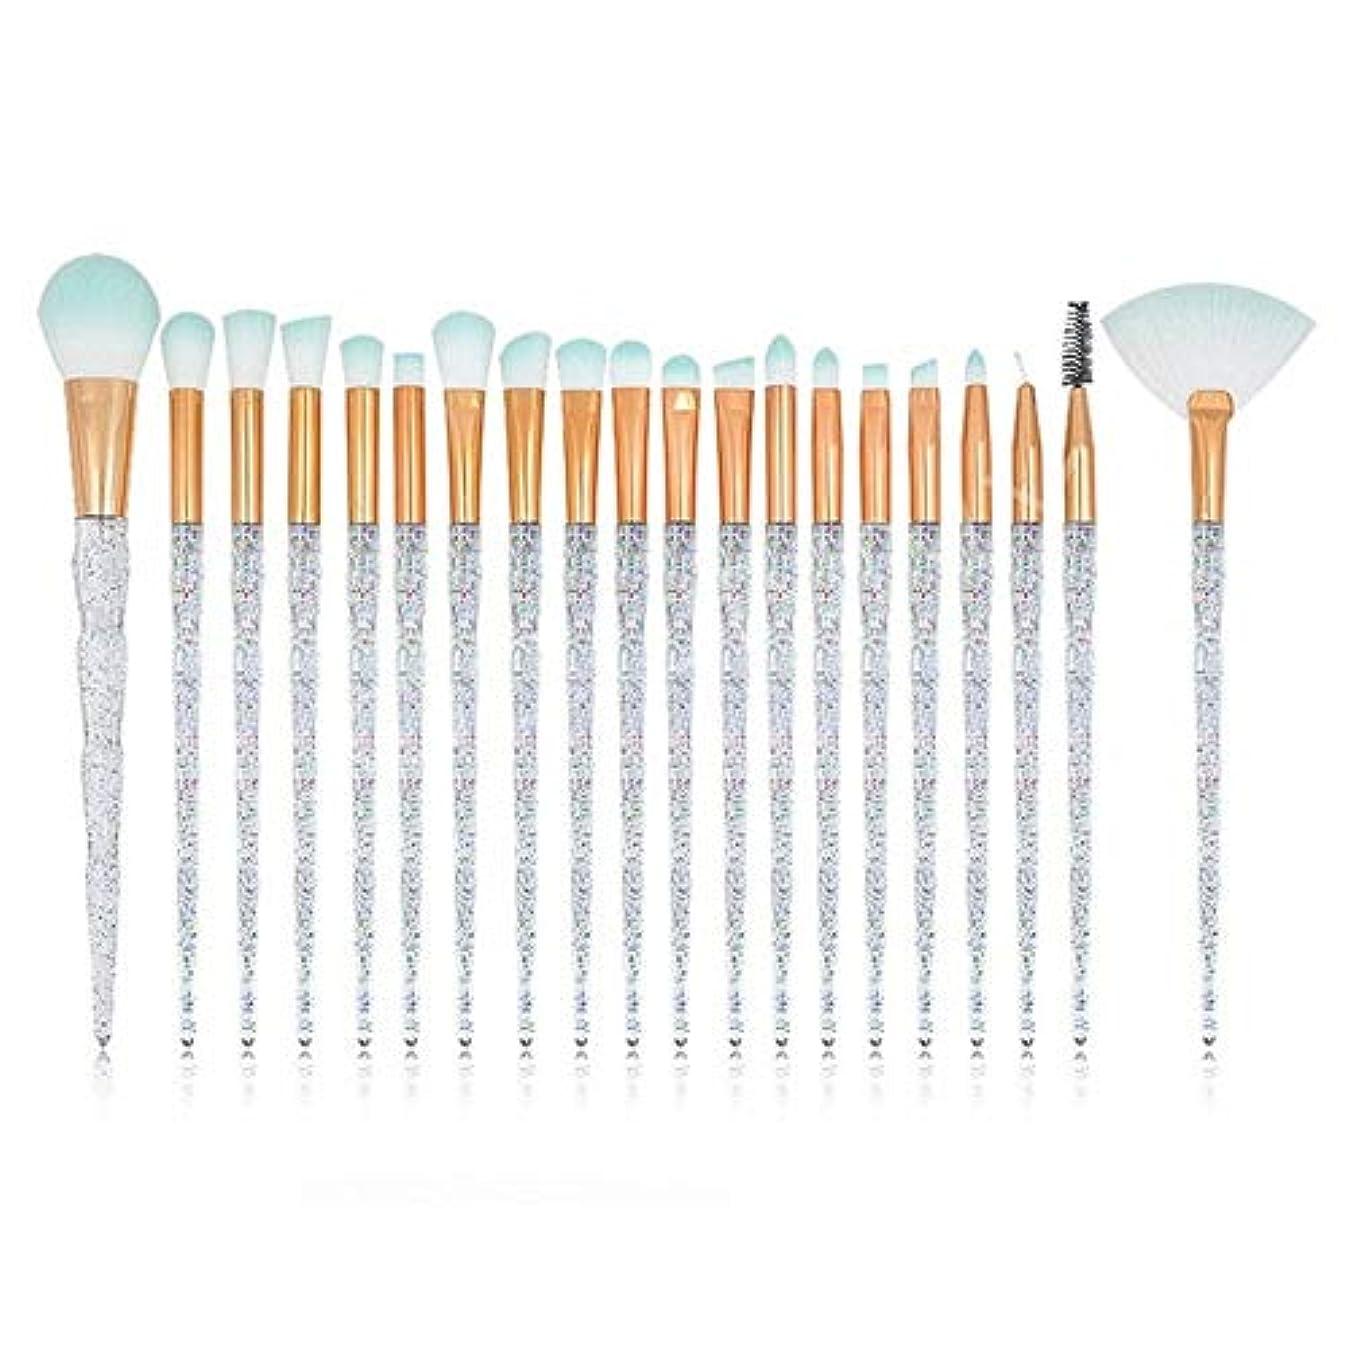 ネスト時系列交換Makeup brushes 20ネイビーブルー、ダイヤモンドメイクブラシセットファンデーションパウダーブラッシュアイシャドウリップブラシモトリーメイクメイク suits (Color : Glitter)